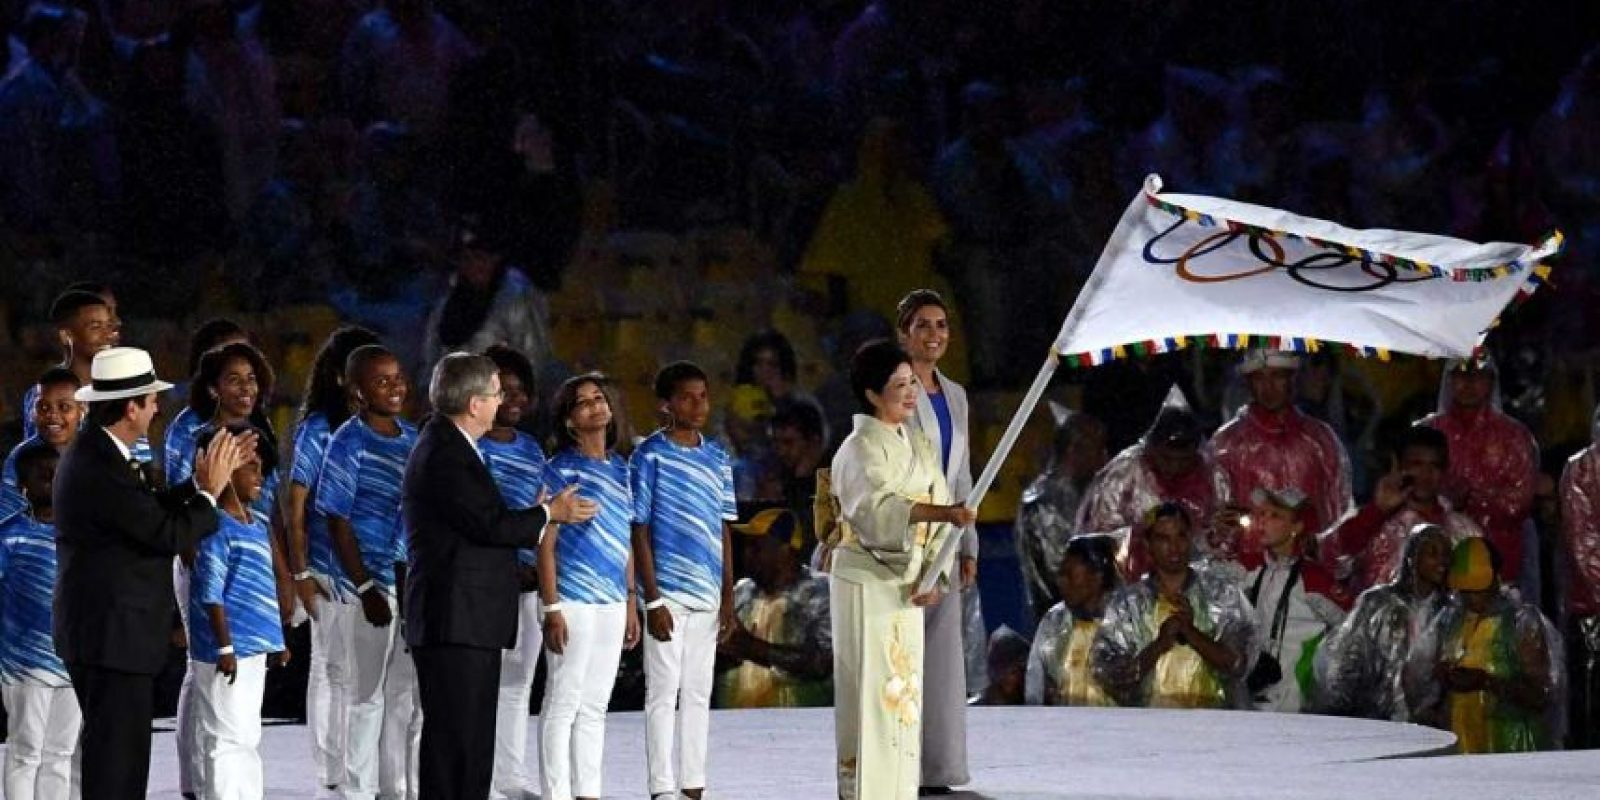 La gobernadora de Tokio, Yuriko Koike, recibió la bandera olímpica de manos de Thomas Bach. Foto:Getty Images. Imagen Por: